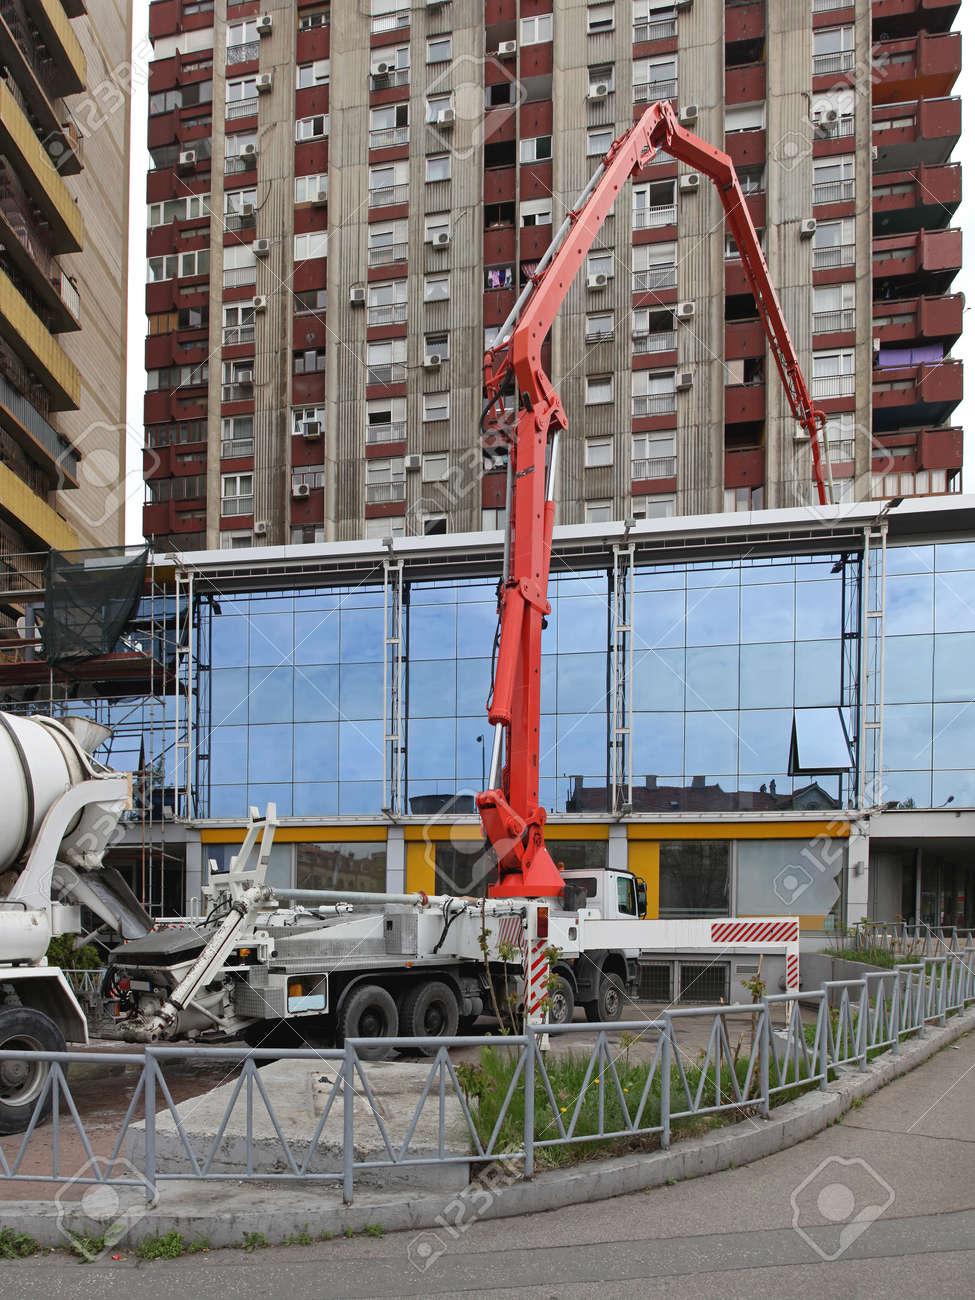 Concrete Pump Truck at Building Construction Site